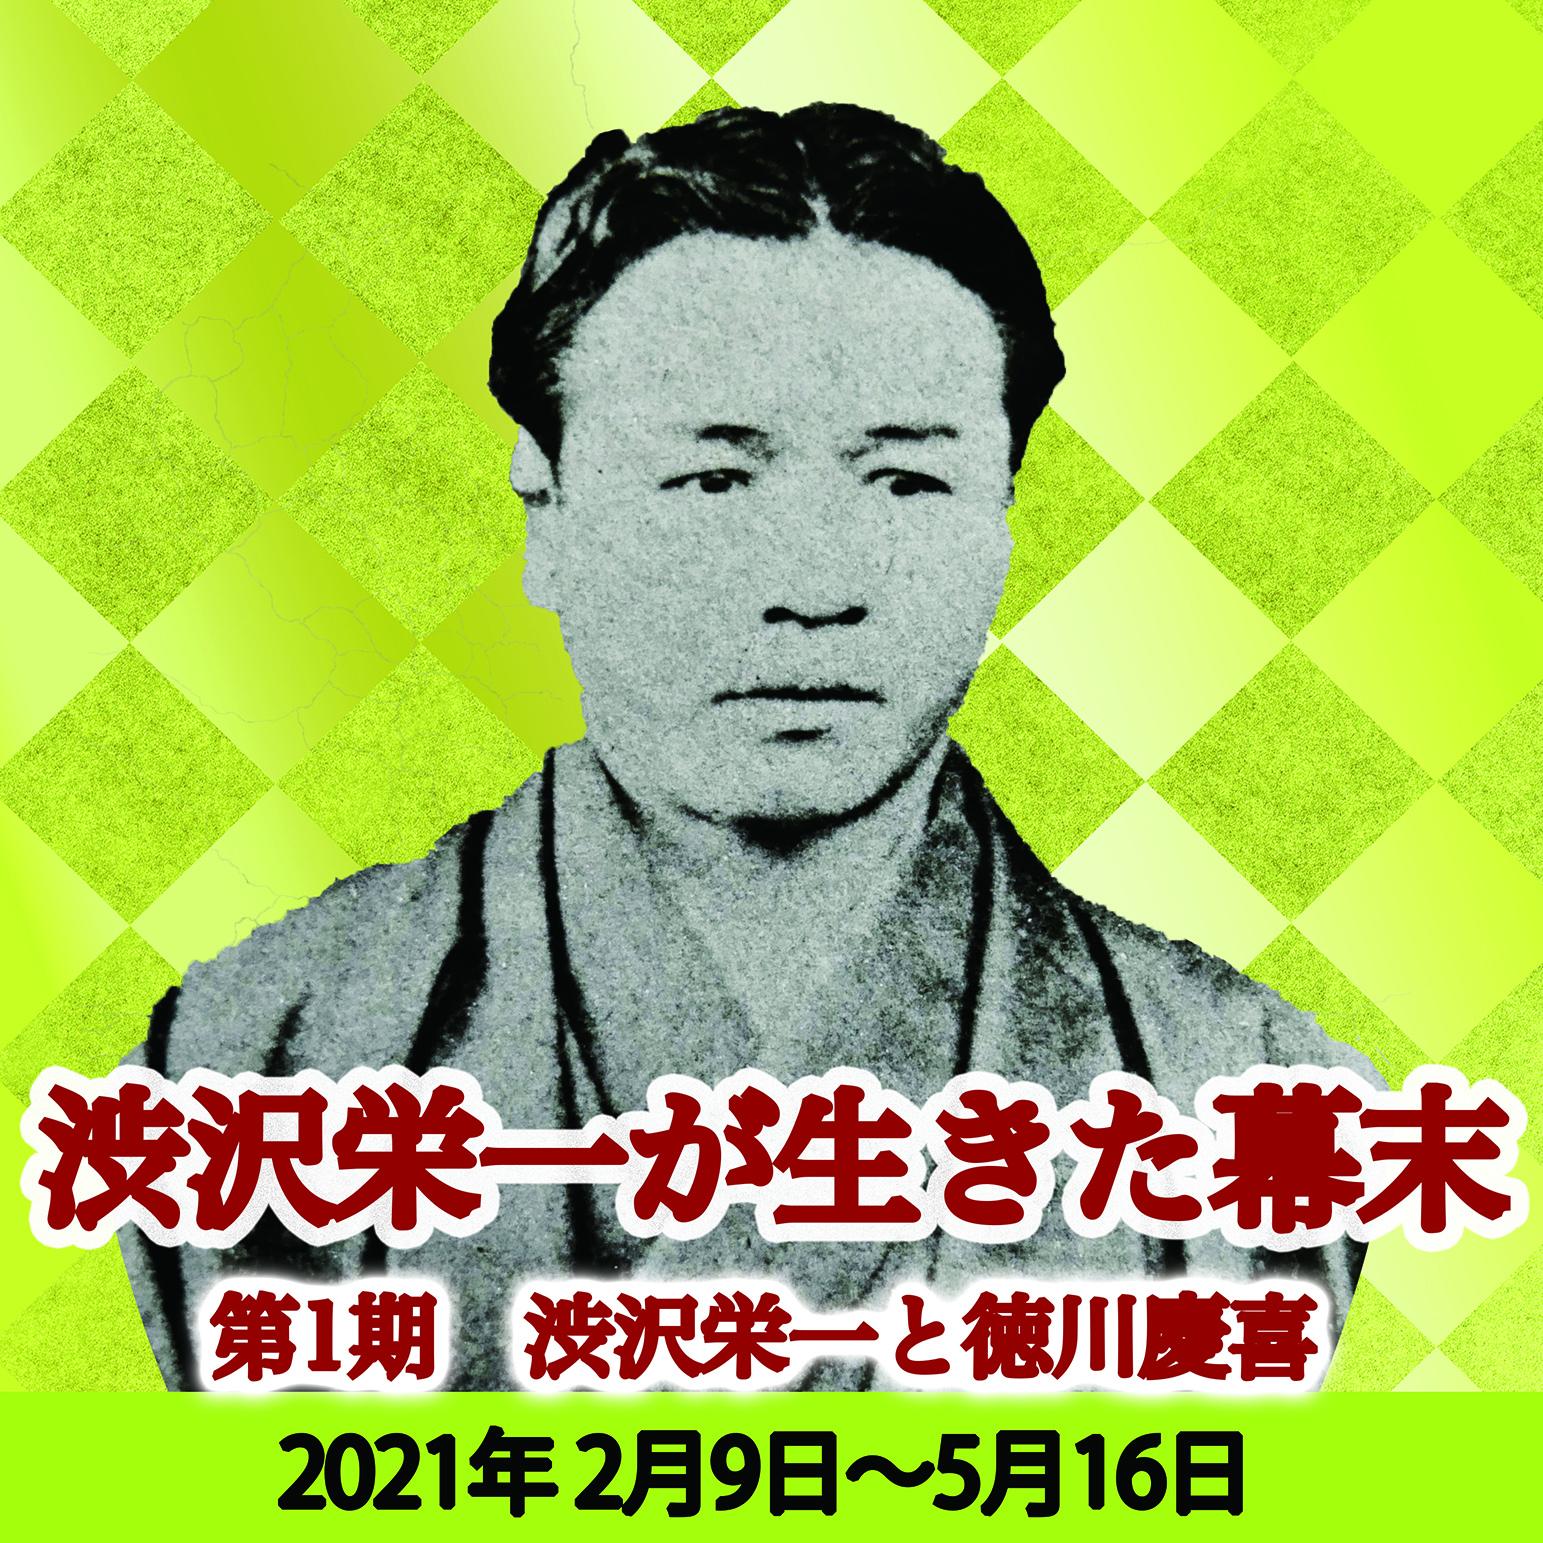 四郎 平岡 円